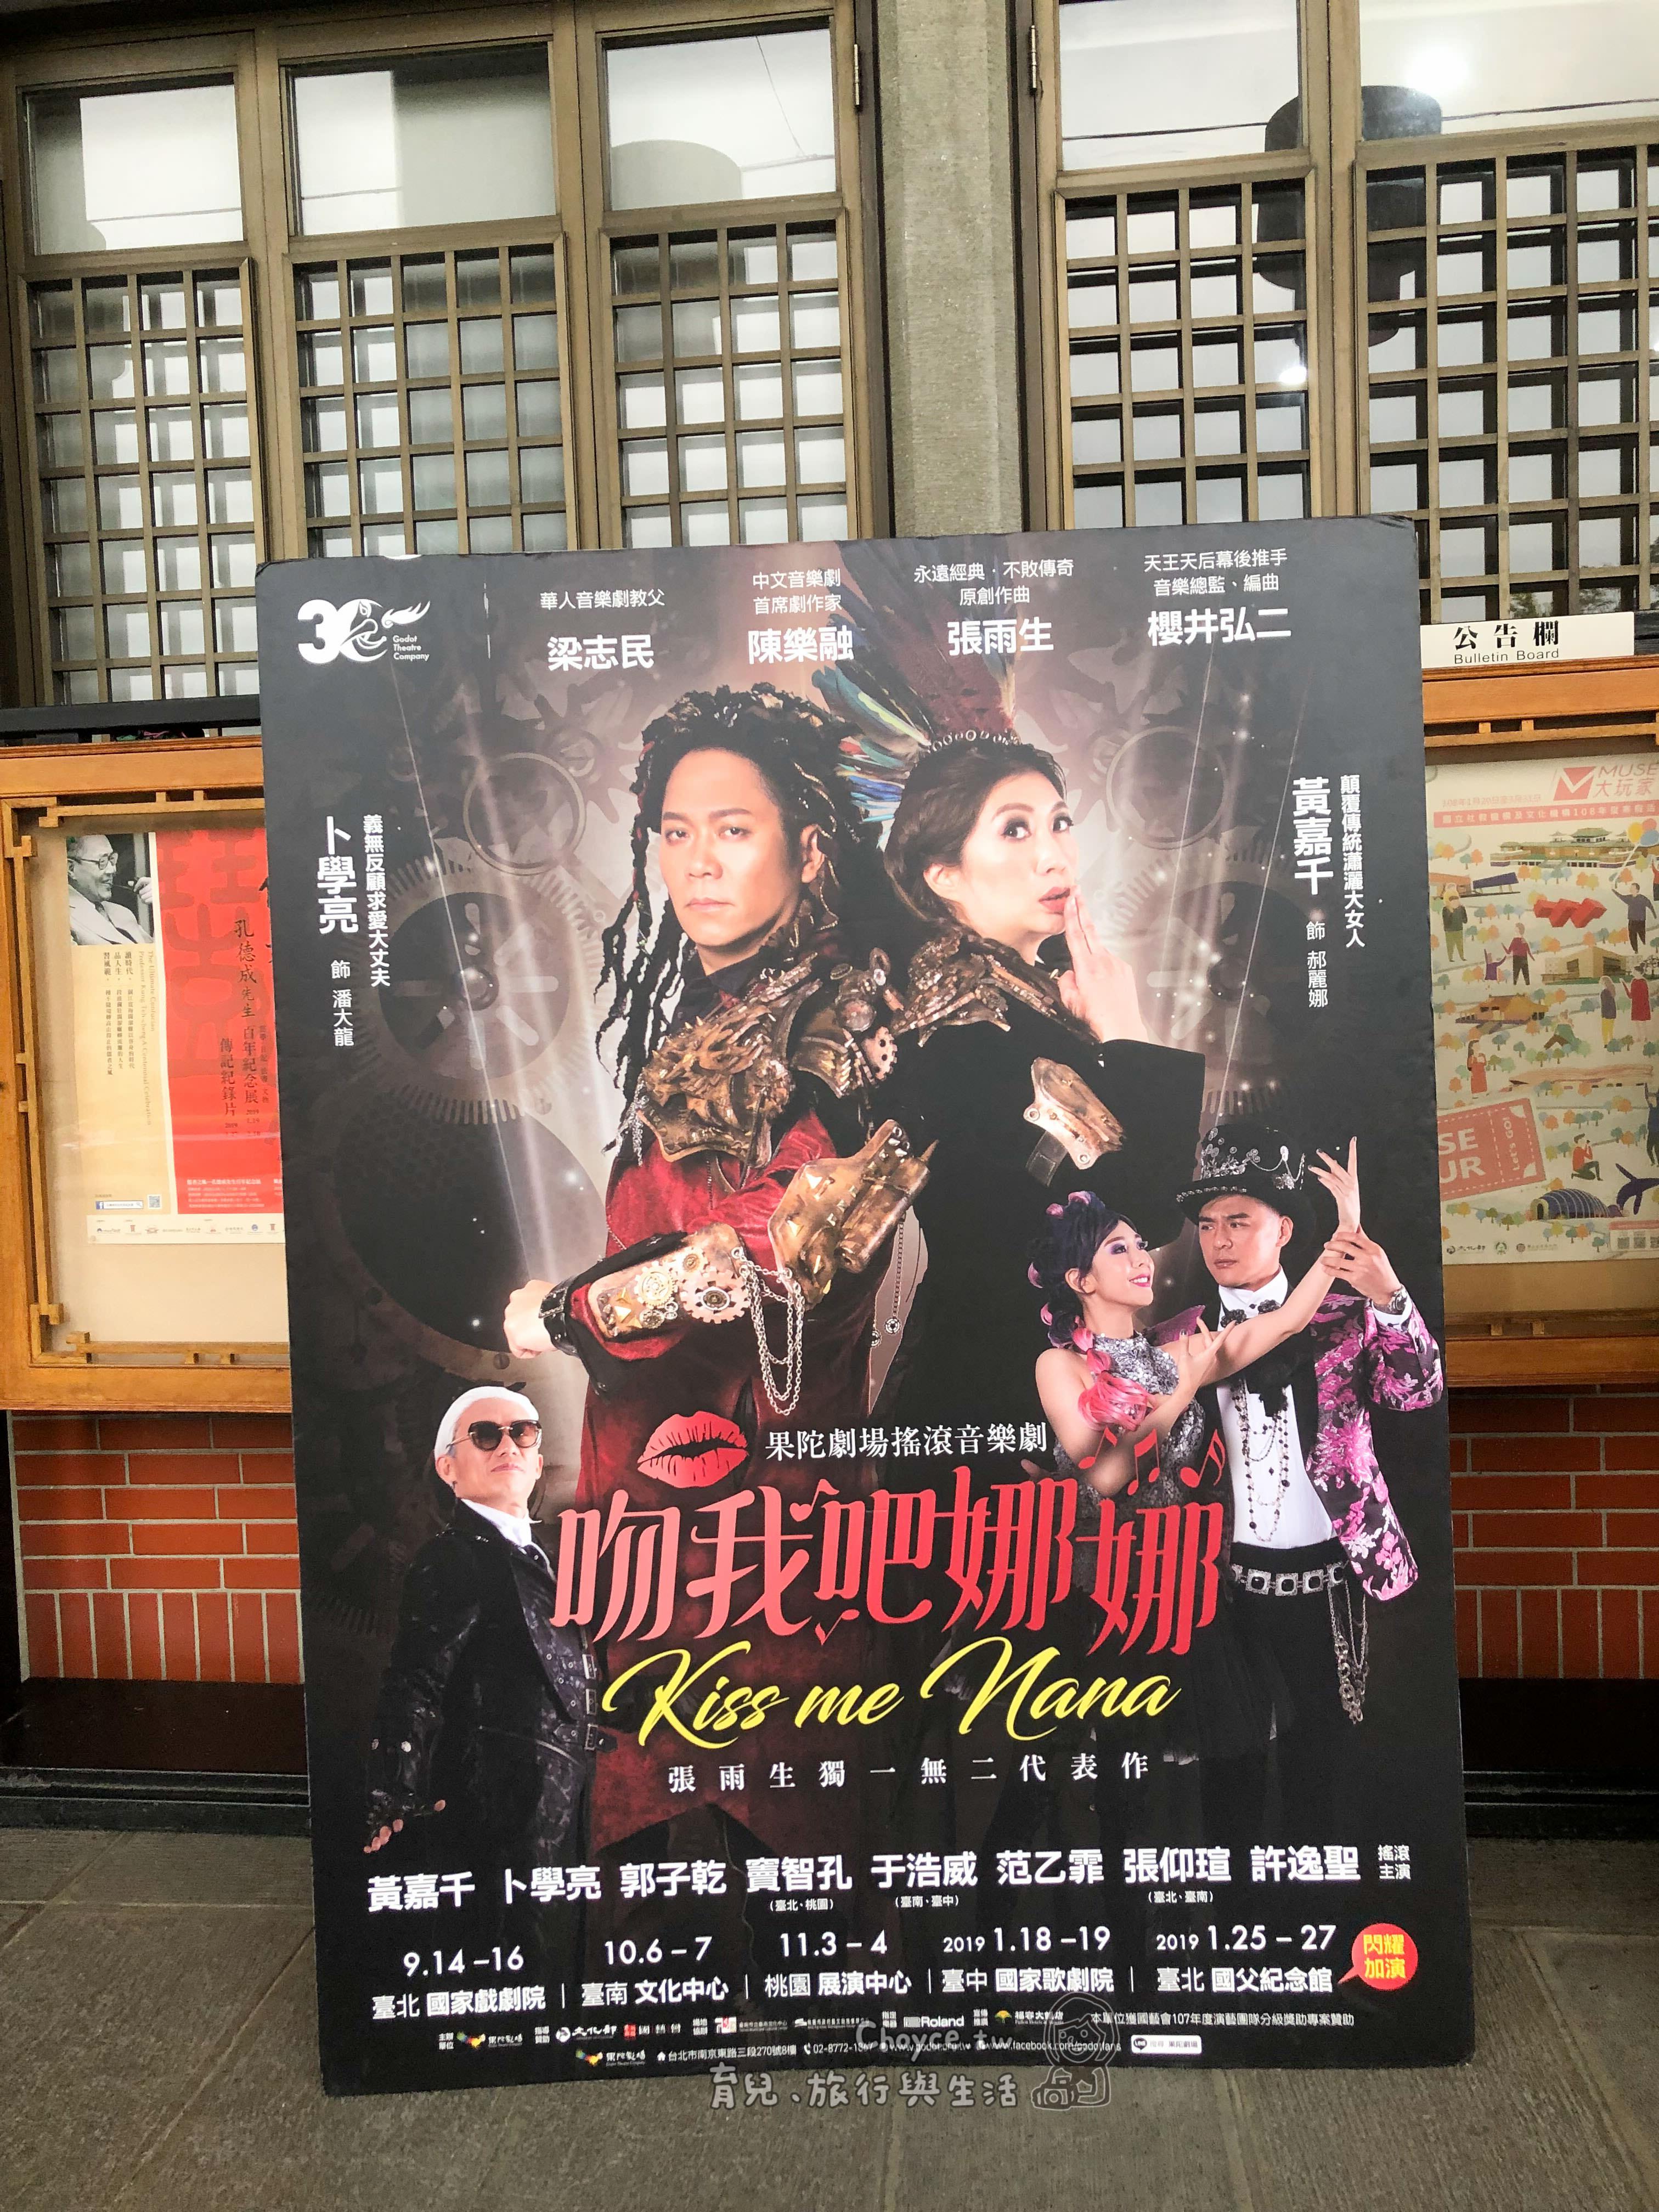 果陀劇場 『吻我吧娜娜』 張雨生唯一的音樂劇 2018年版本加場再加場